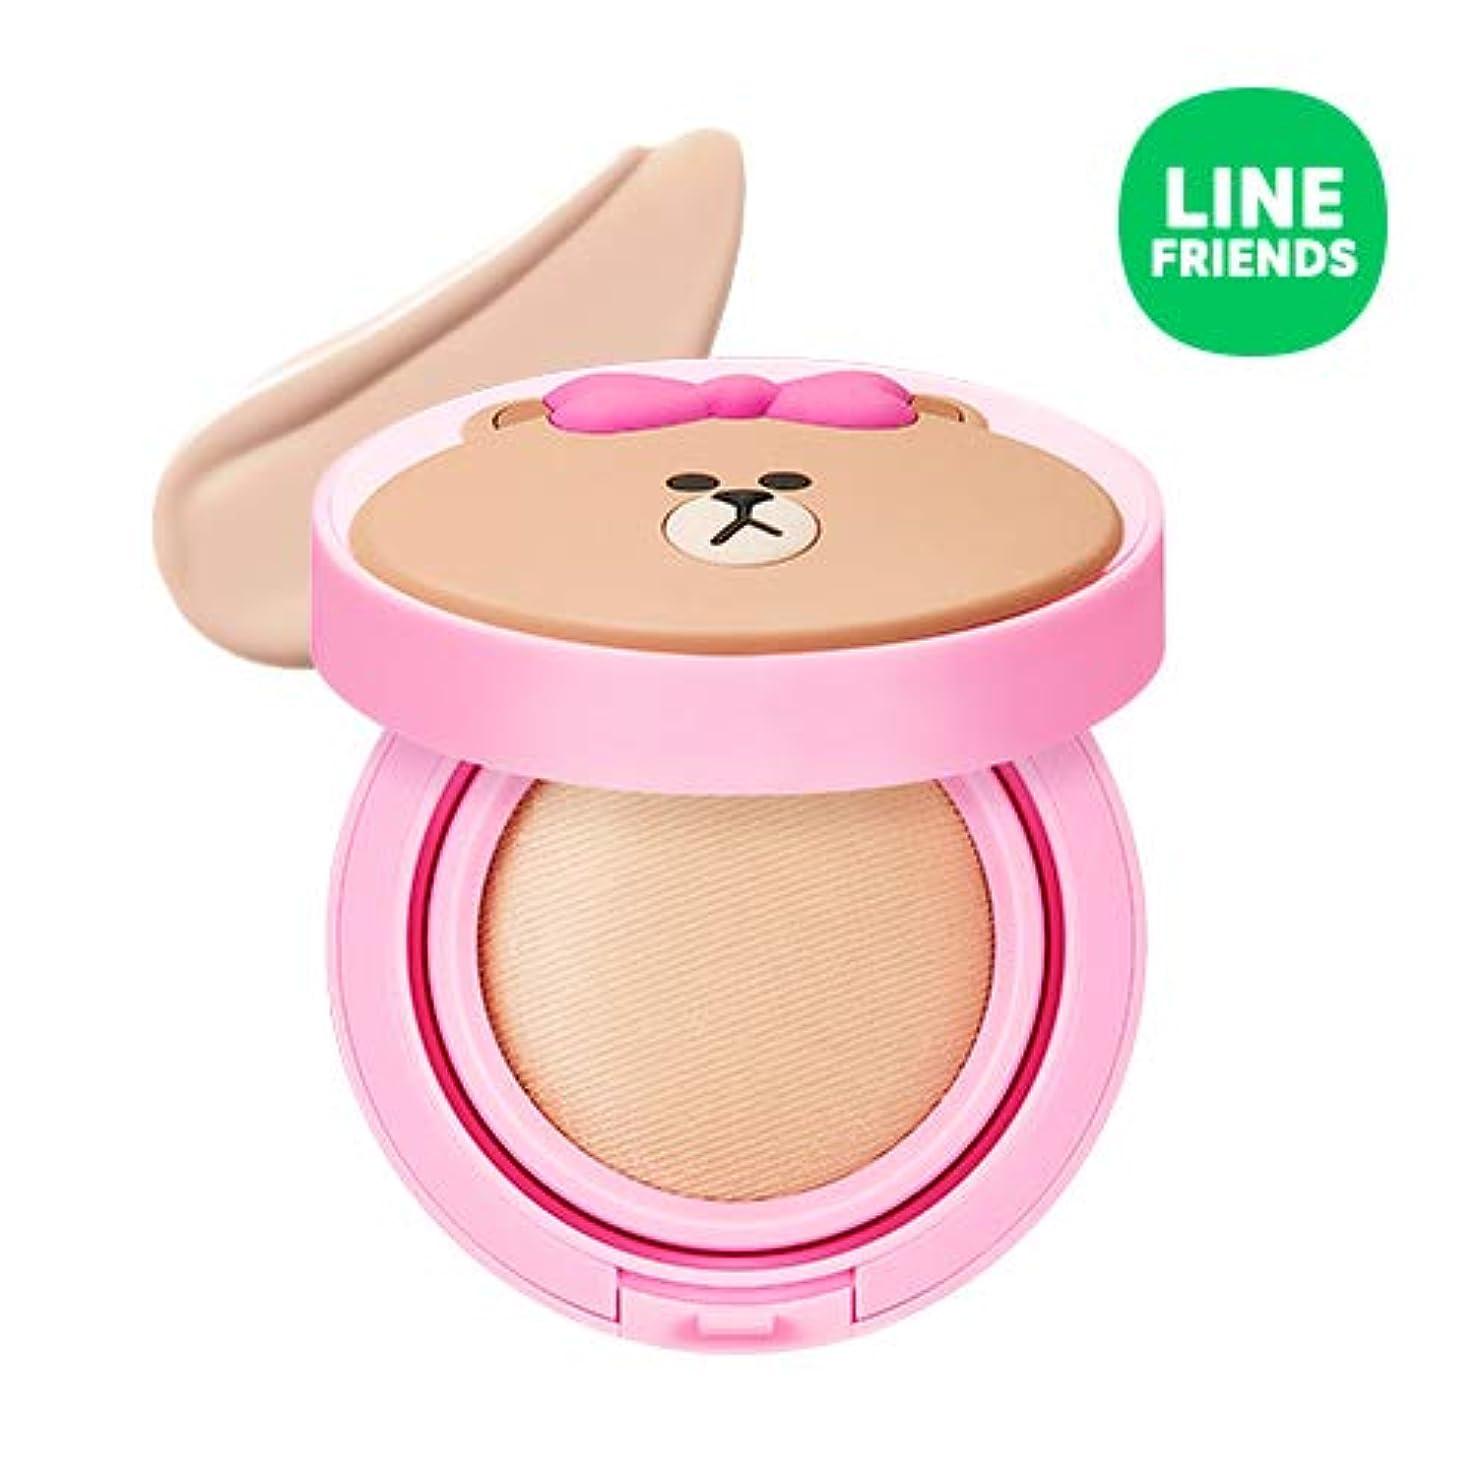 マラソンミンチ月面ミシャ(ラインフレンズ)グローテンション15g / MISSHA [Line Friends Edition] Glow Tension SPF50 PA+++ #Fair(Pink tone No.21) [並行輸入品]